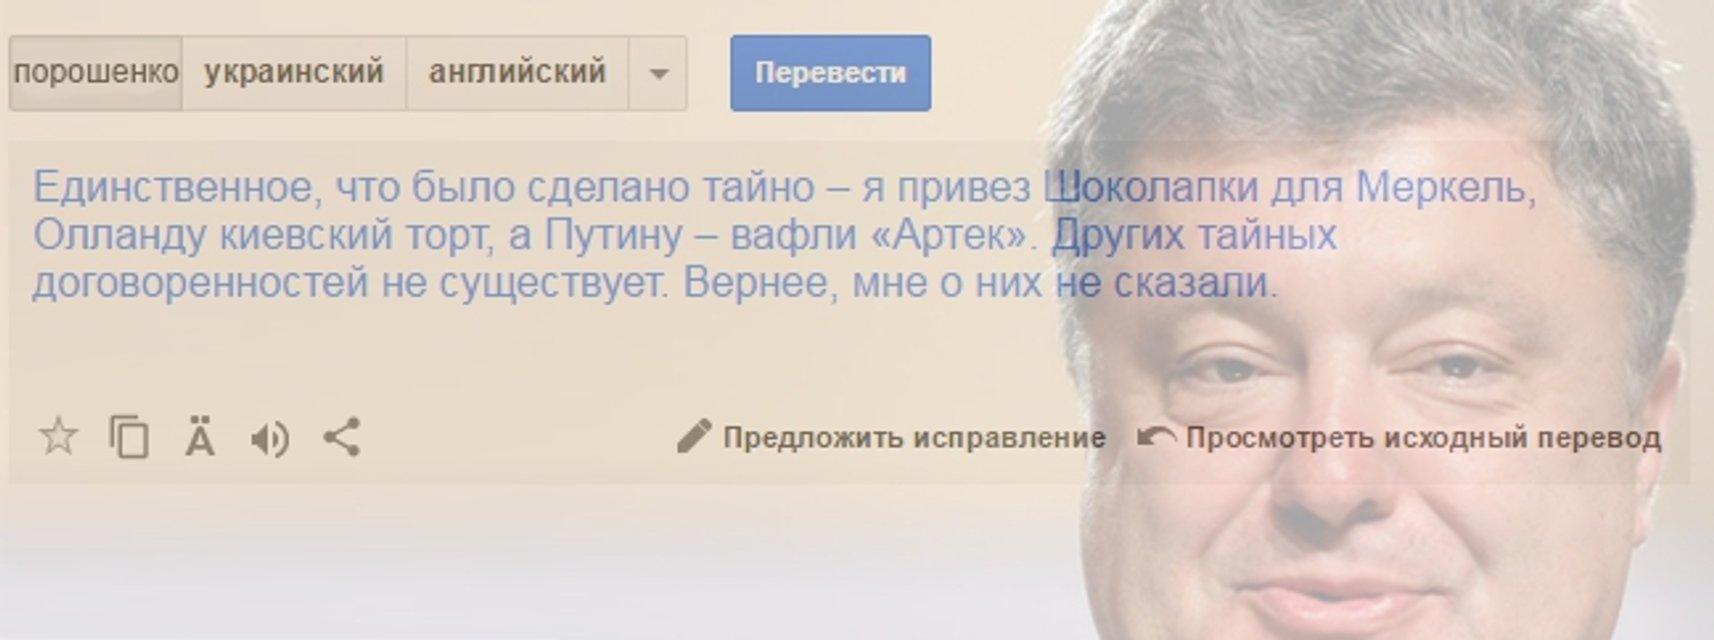 Впервые на экранах – честный президент Петр Порошенко - фото 18566